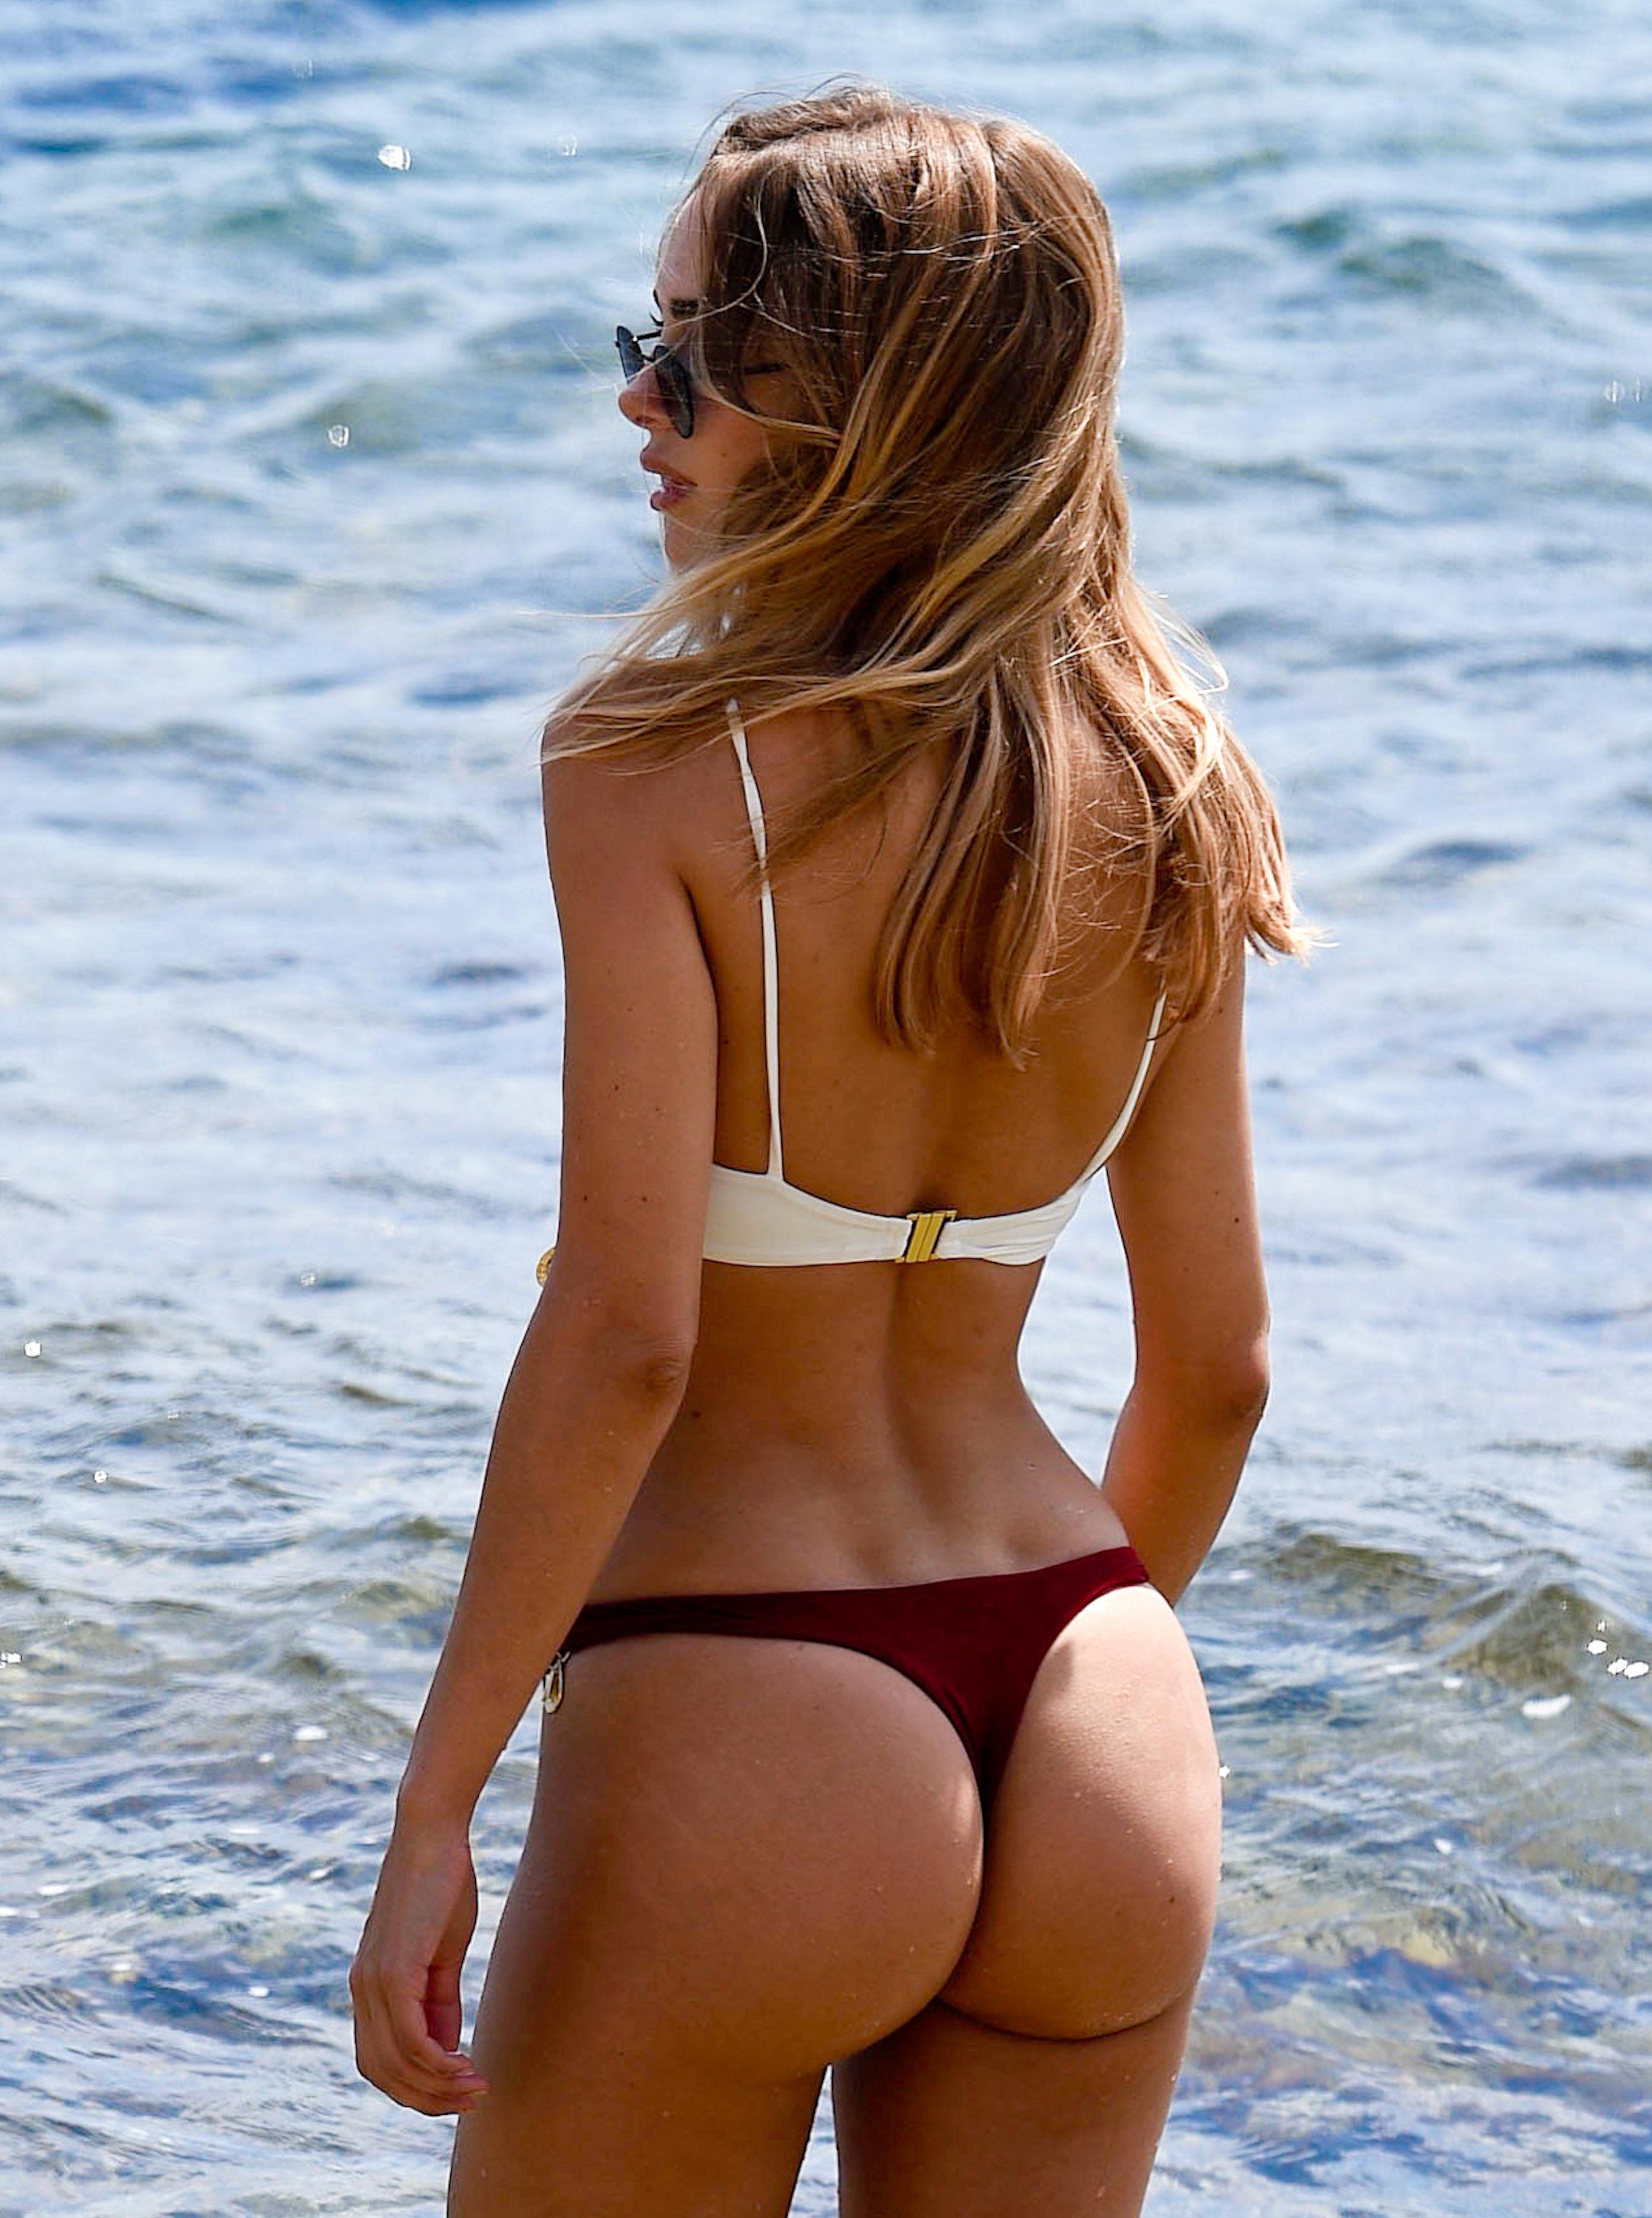 Sexiest celebrities ass